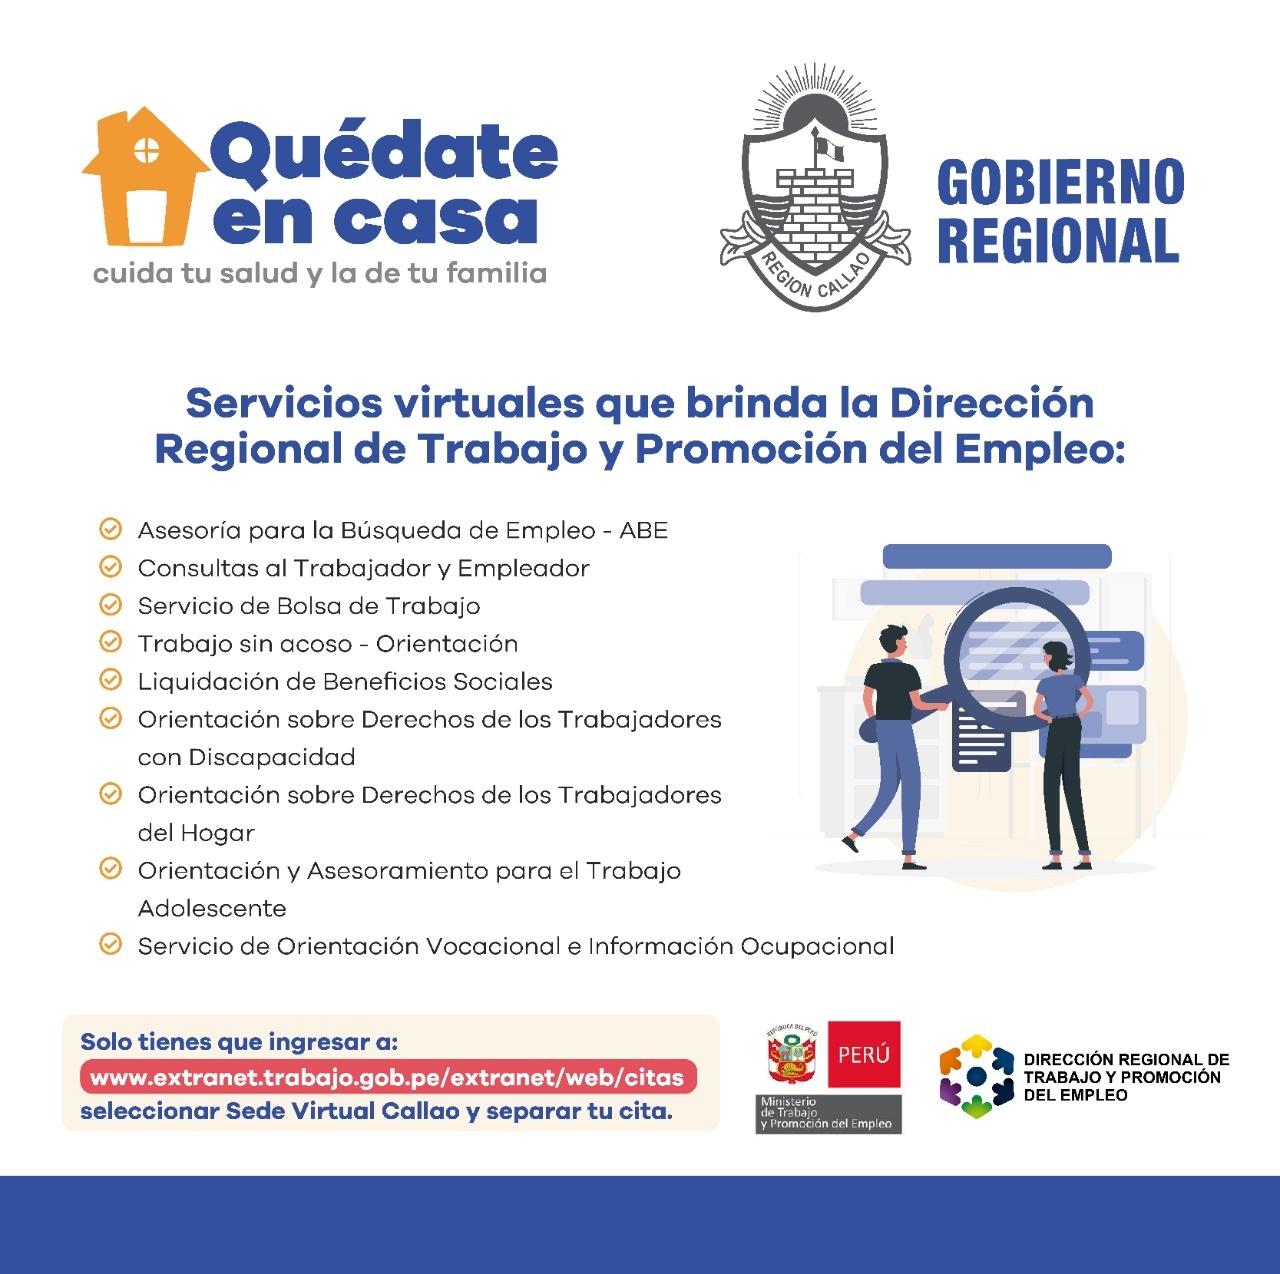 Servicios Virtuales de la Dirección Regional de Trabajo y Promoción del Empleo